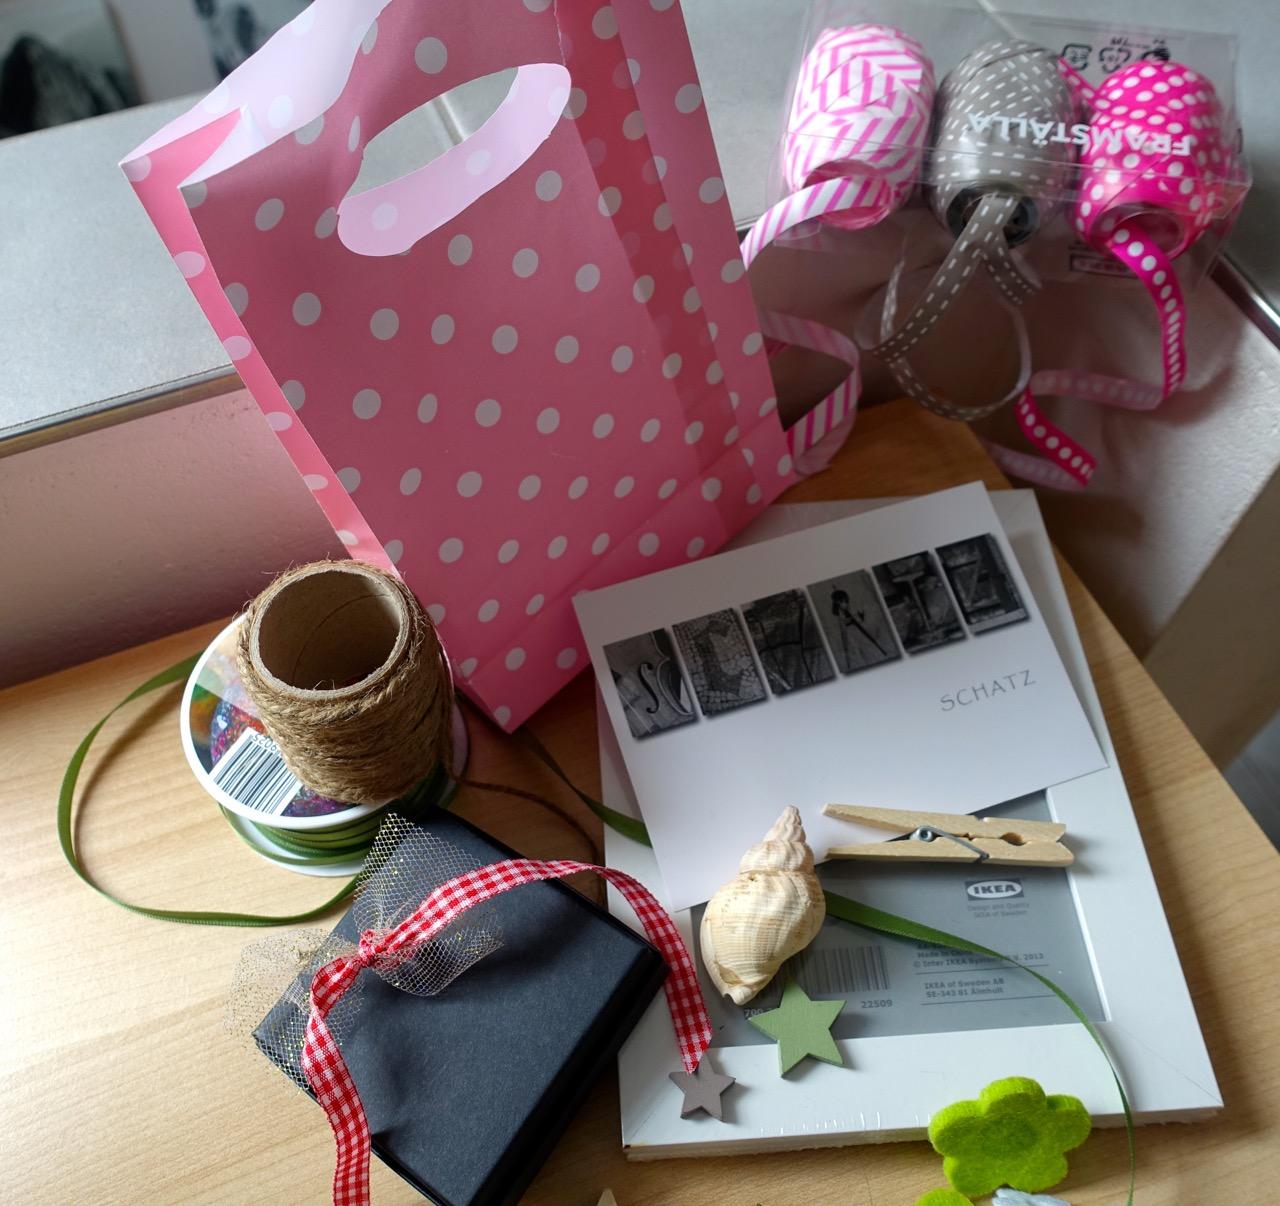 Utensilien zur Geschenk-Gutschein Gestaltung